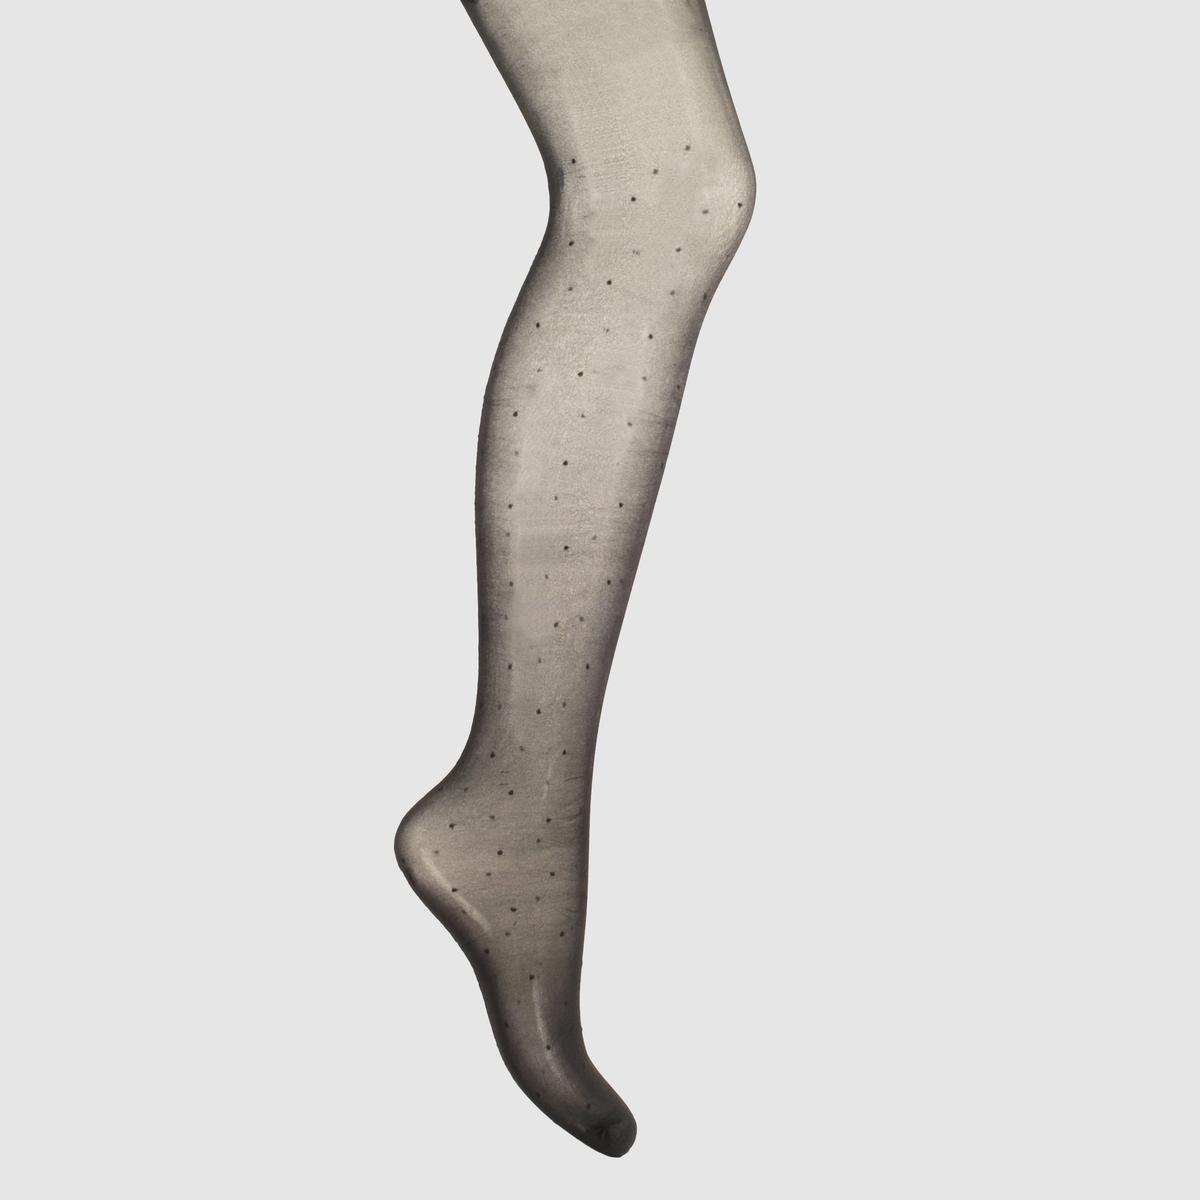 Колготки из вуалиКолготки из вуали - Mademoiselle R.  Сплошной набивной рисунок, эффект швов сзади, бант вверху. 93% полиамида, 7% эластана.<br><br>Цвет: черный<br>Размер: 3(L)